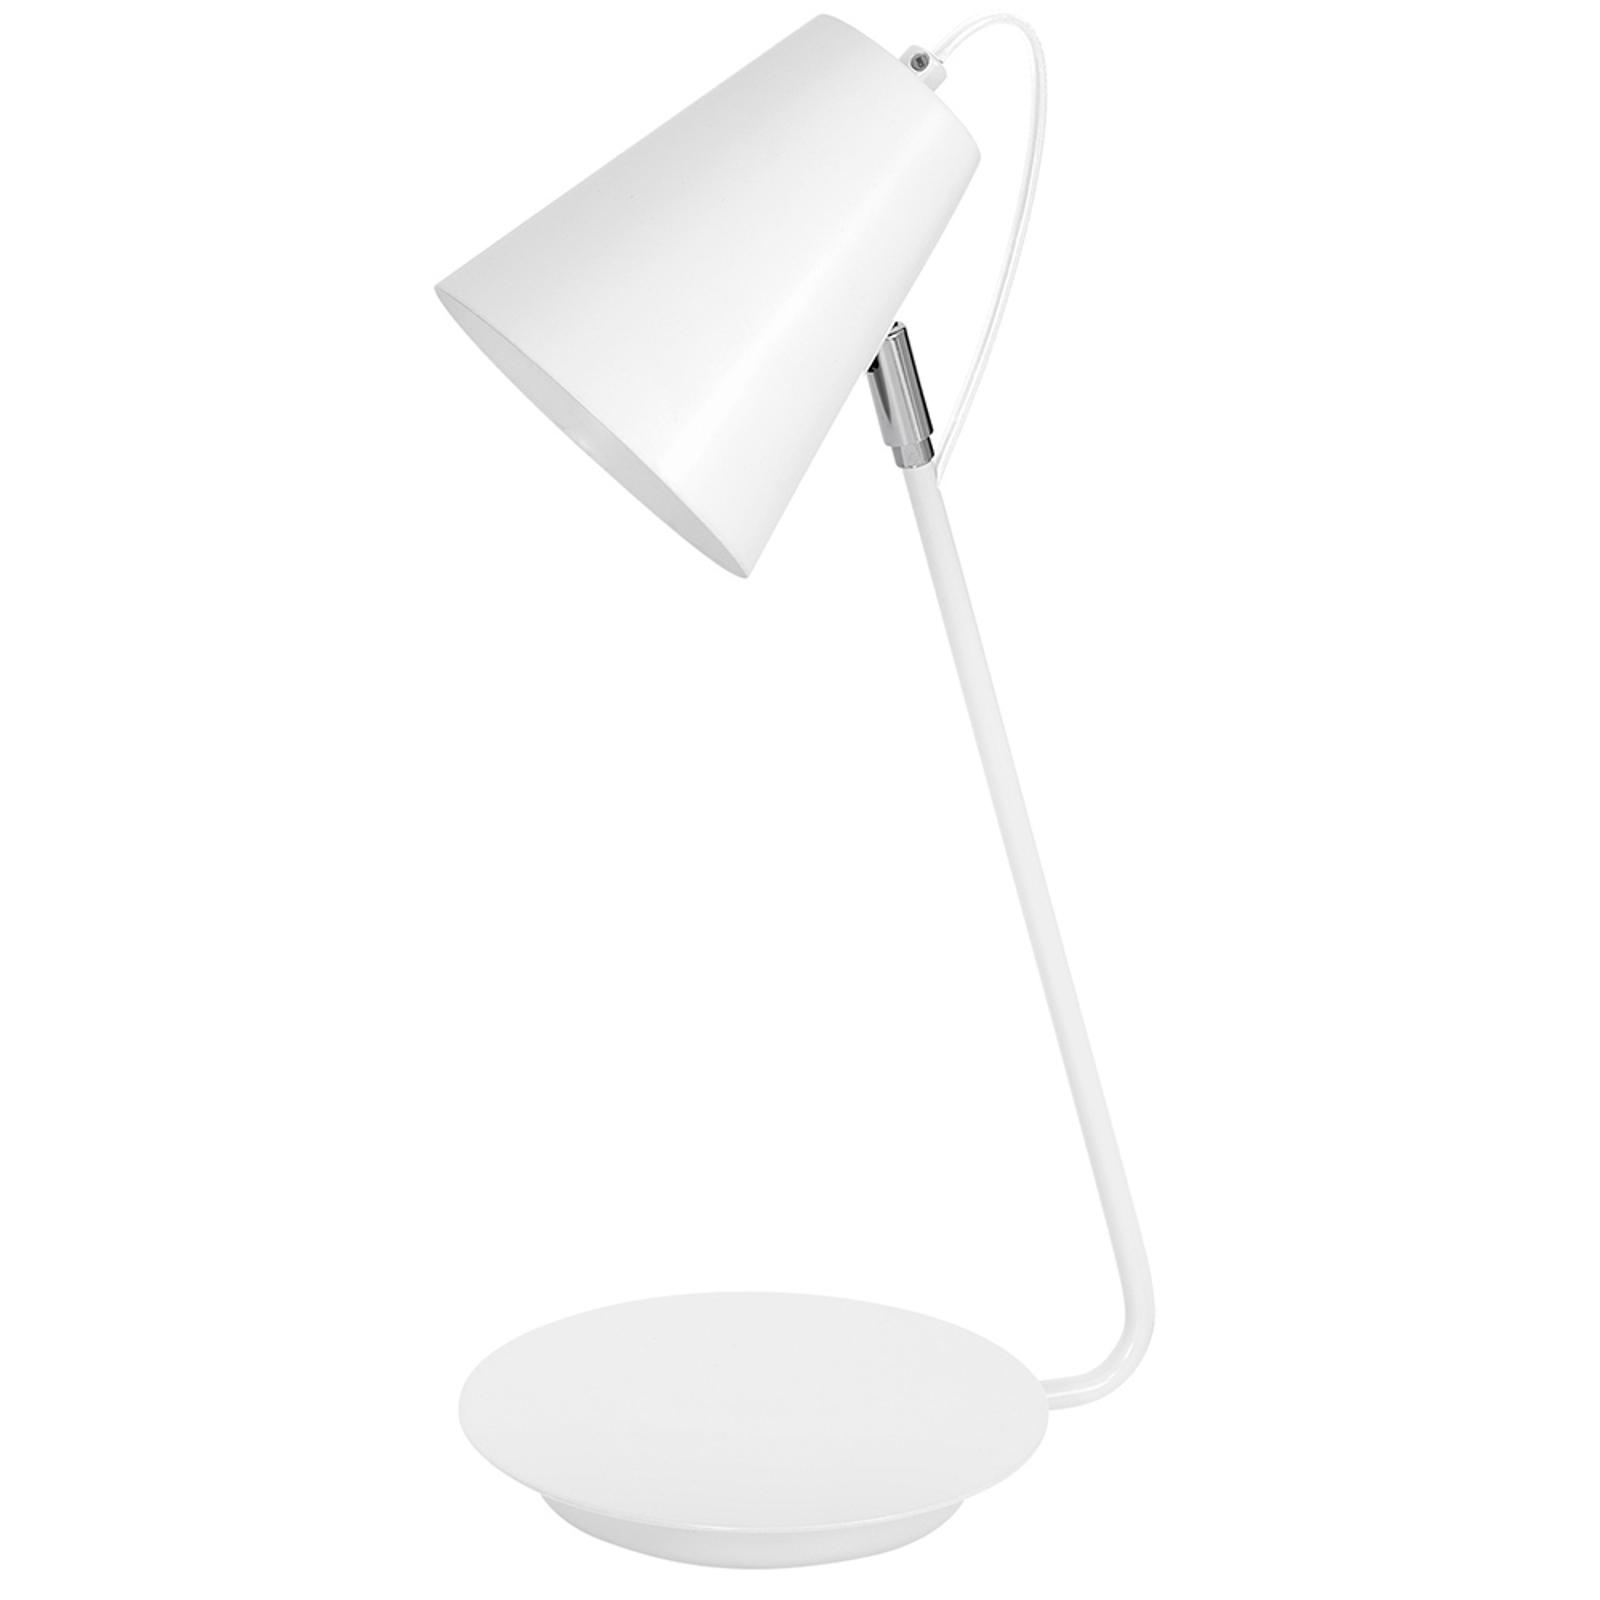 Pöytälamppu 8296 kromattu yksityiskohta, valkoinen